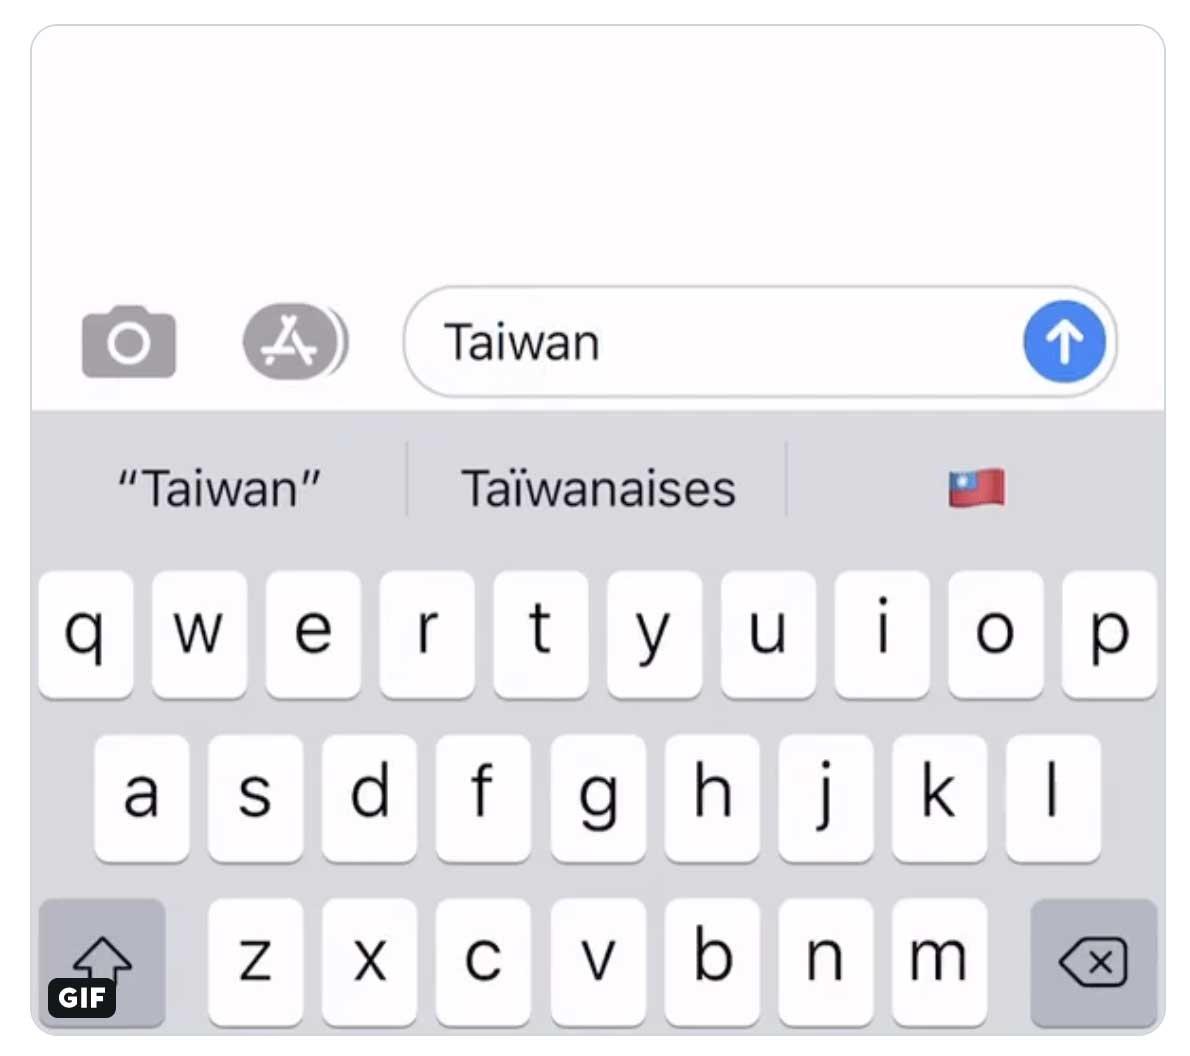 解決港澳用戶無法顯示中華民國國旗 Emoji 方法1